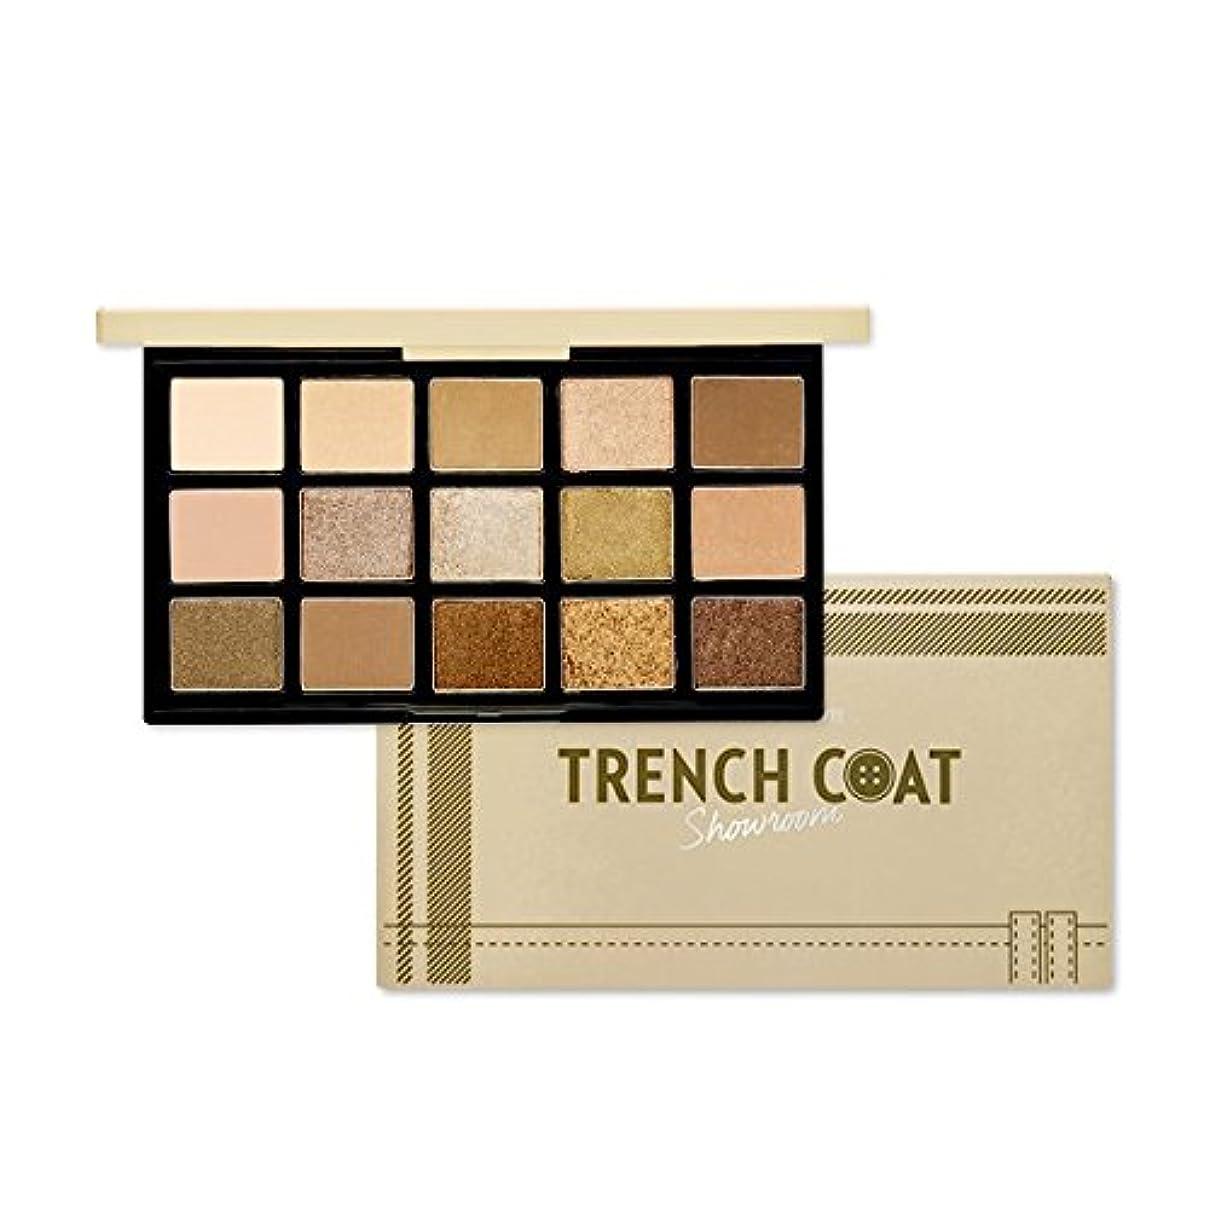 エンジン中断カウントアップETUDE HOUSE Play Color Eye Palette - Trench coat Showroom/エチュードハウスプレイカラーアイパレット - トレンチコートショールーム [並行輸入品]